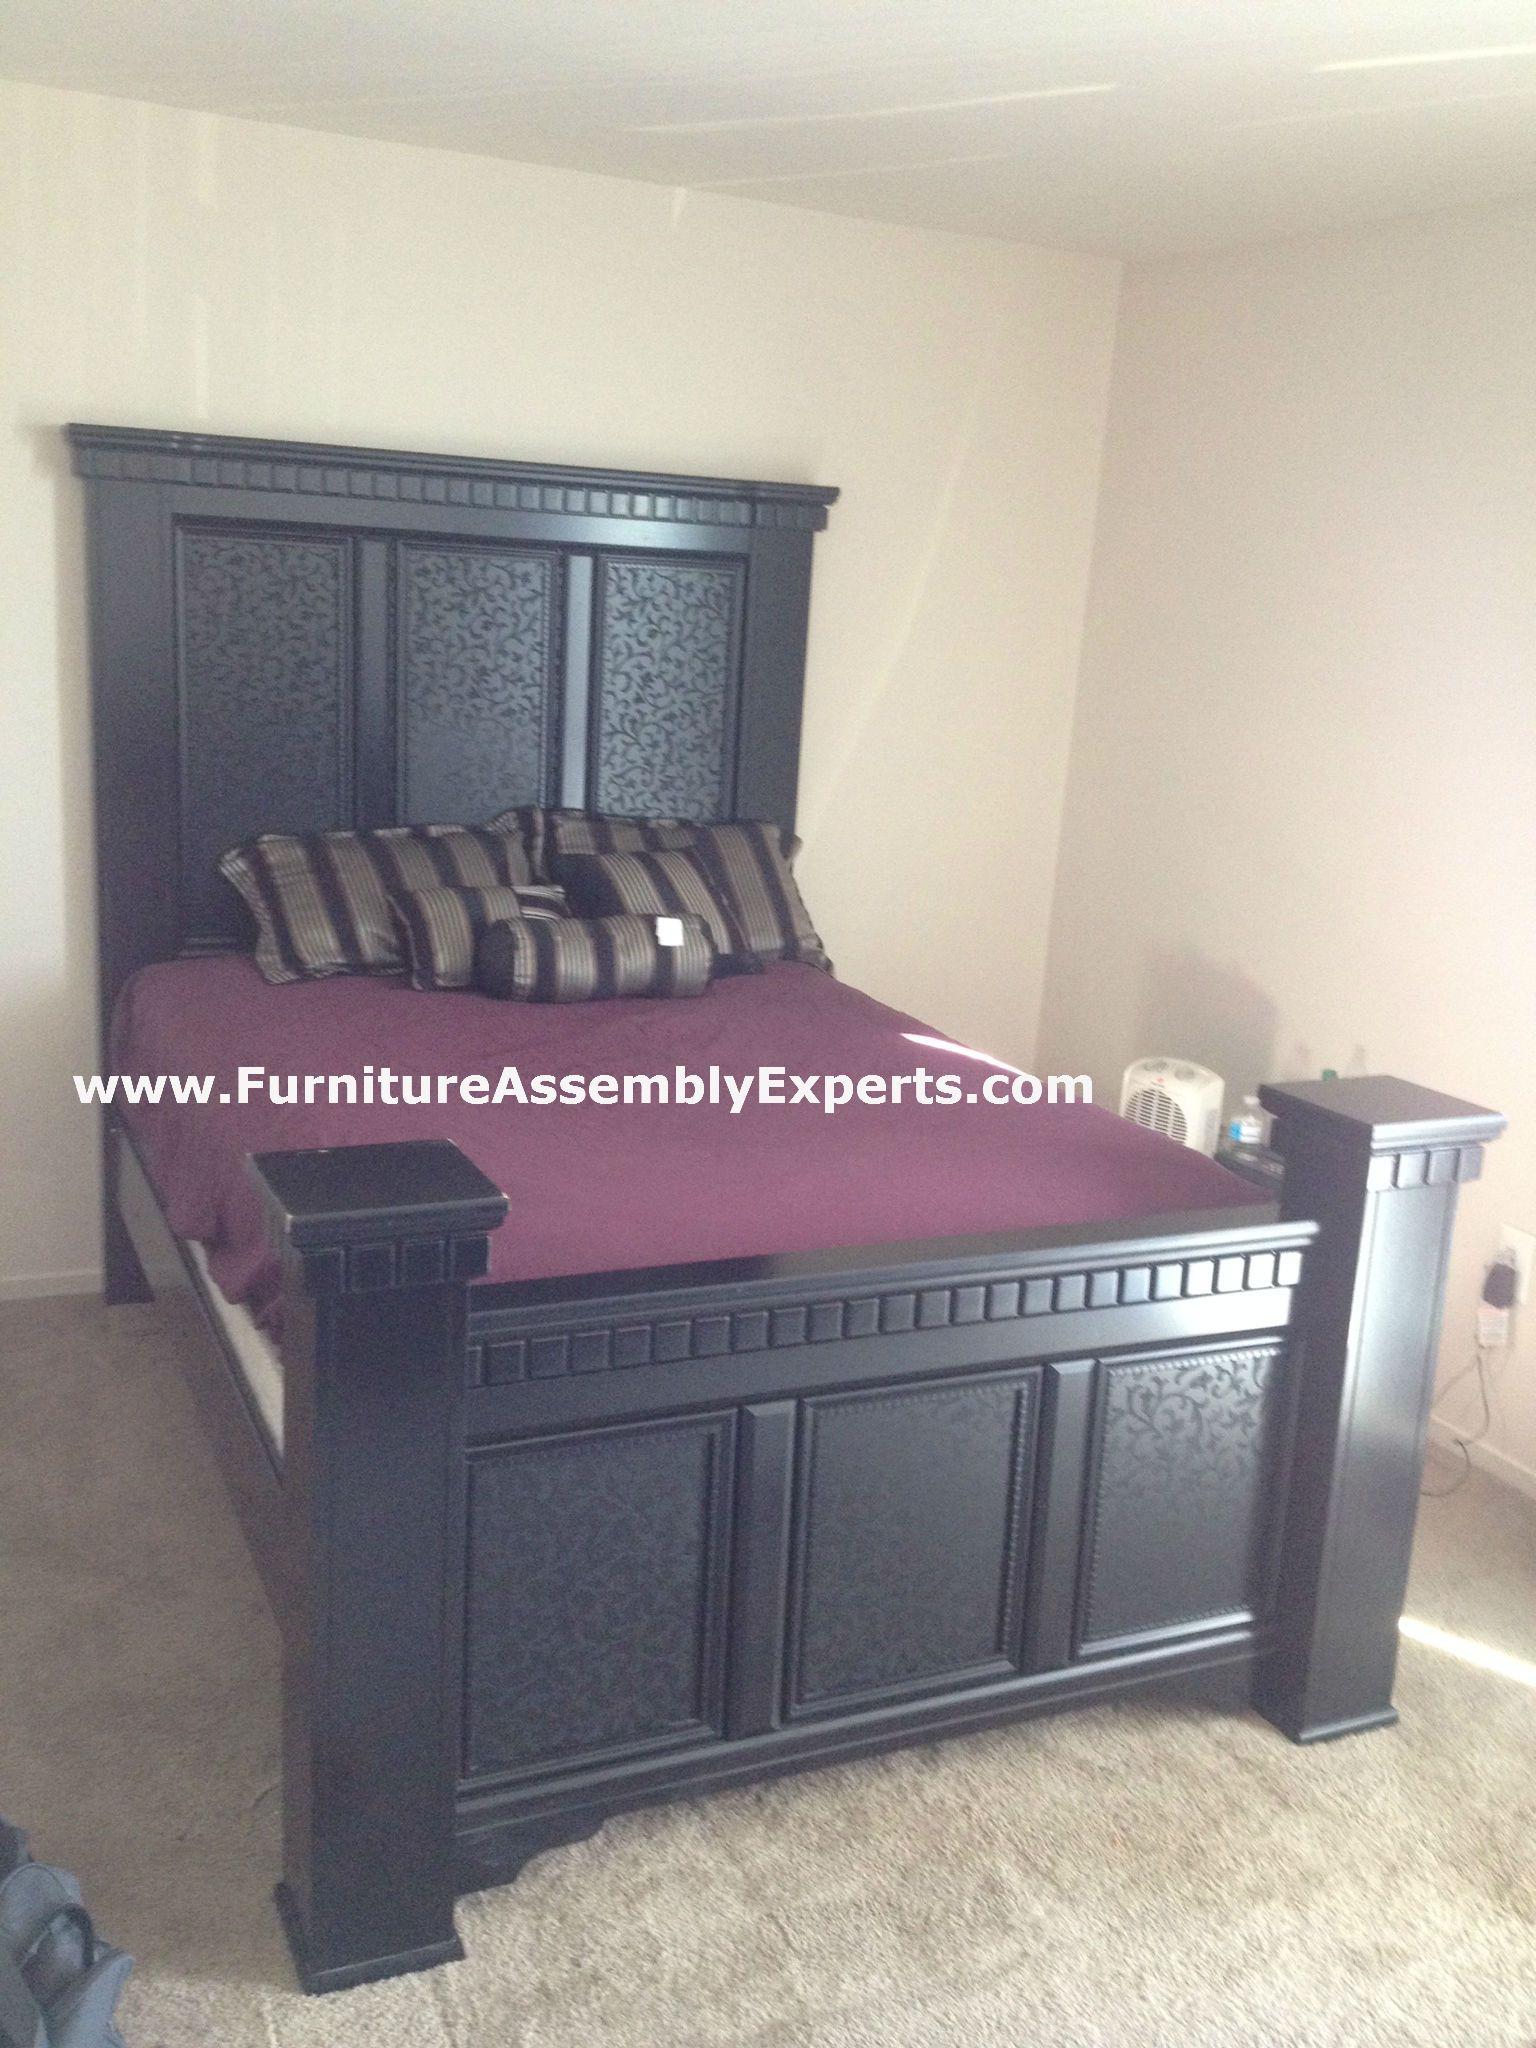 World Market Platform Bed Embled In Washington Dc By Furniture Embly Experts Llc